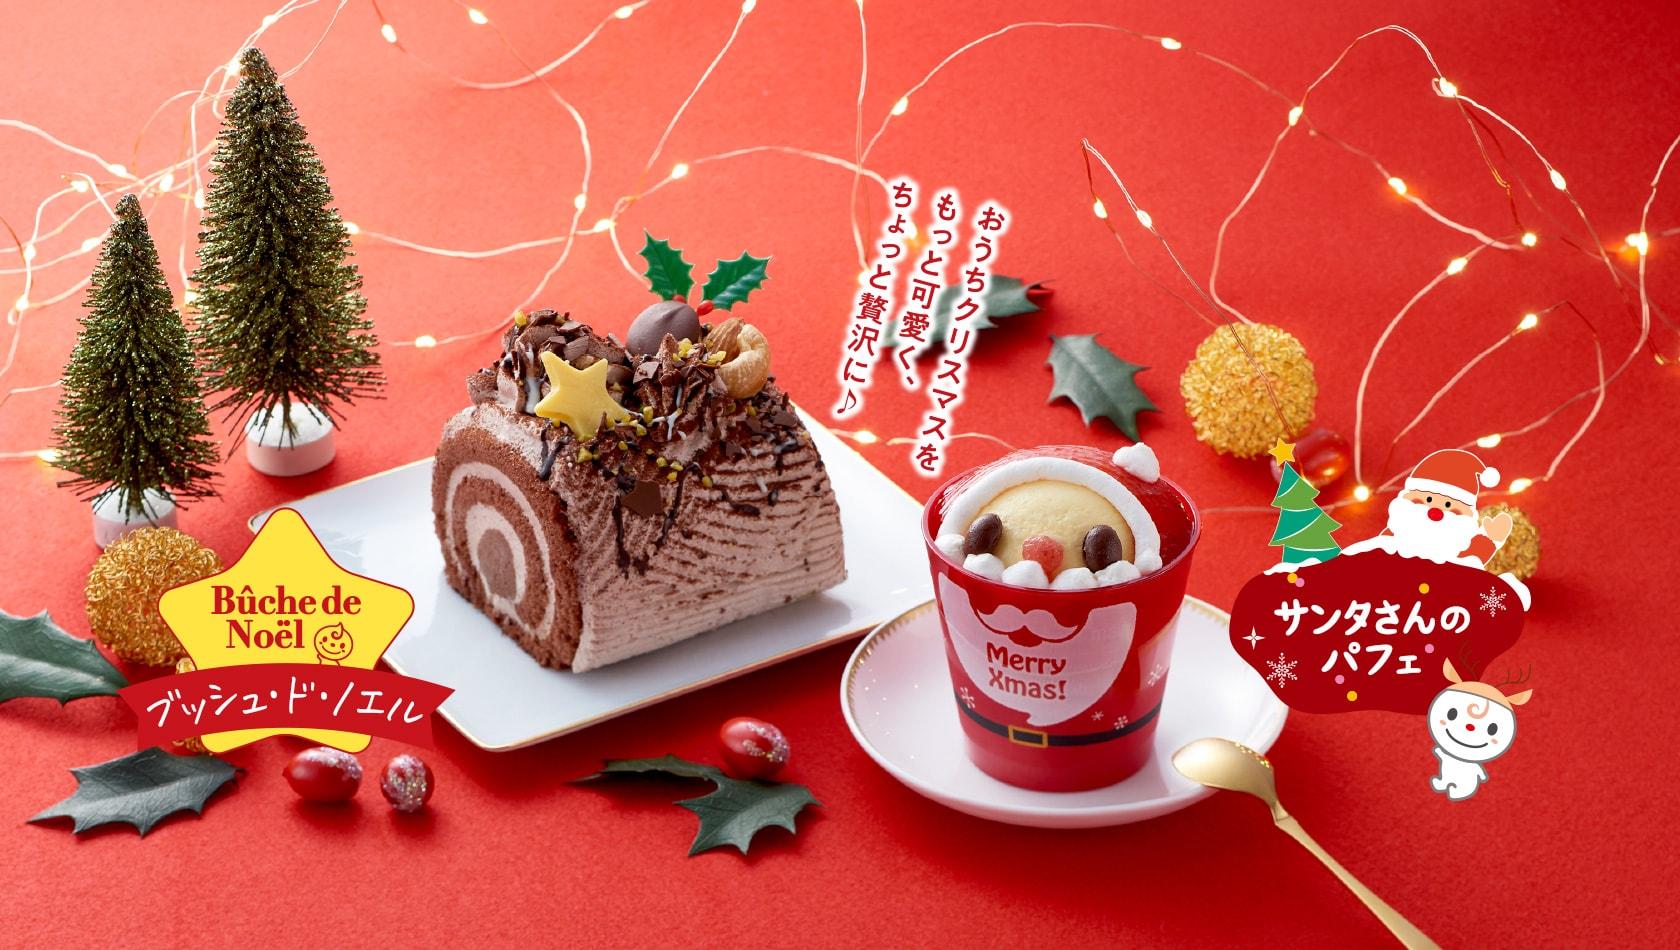 おうちクリスマスをもっと可愛く、ちょっと贅沢に♪ ブッシュ・ド・ノエル/サンタさんのパフェ